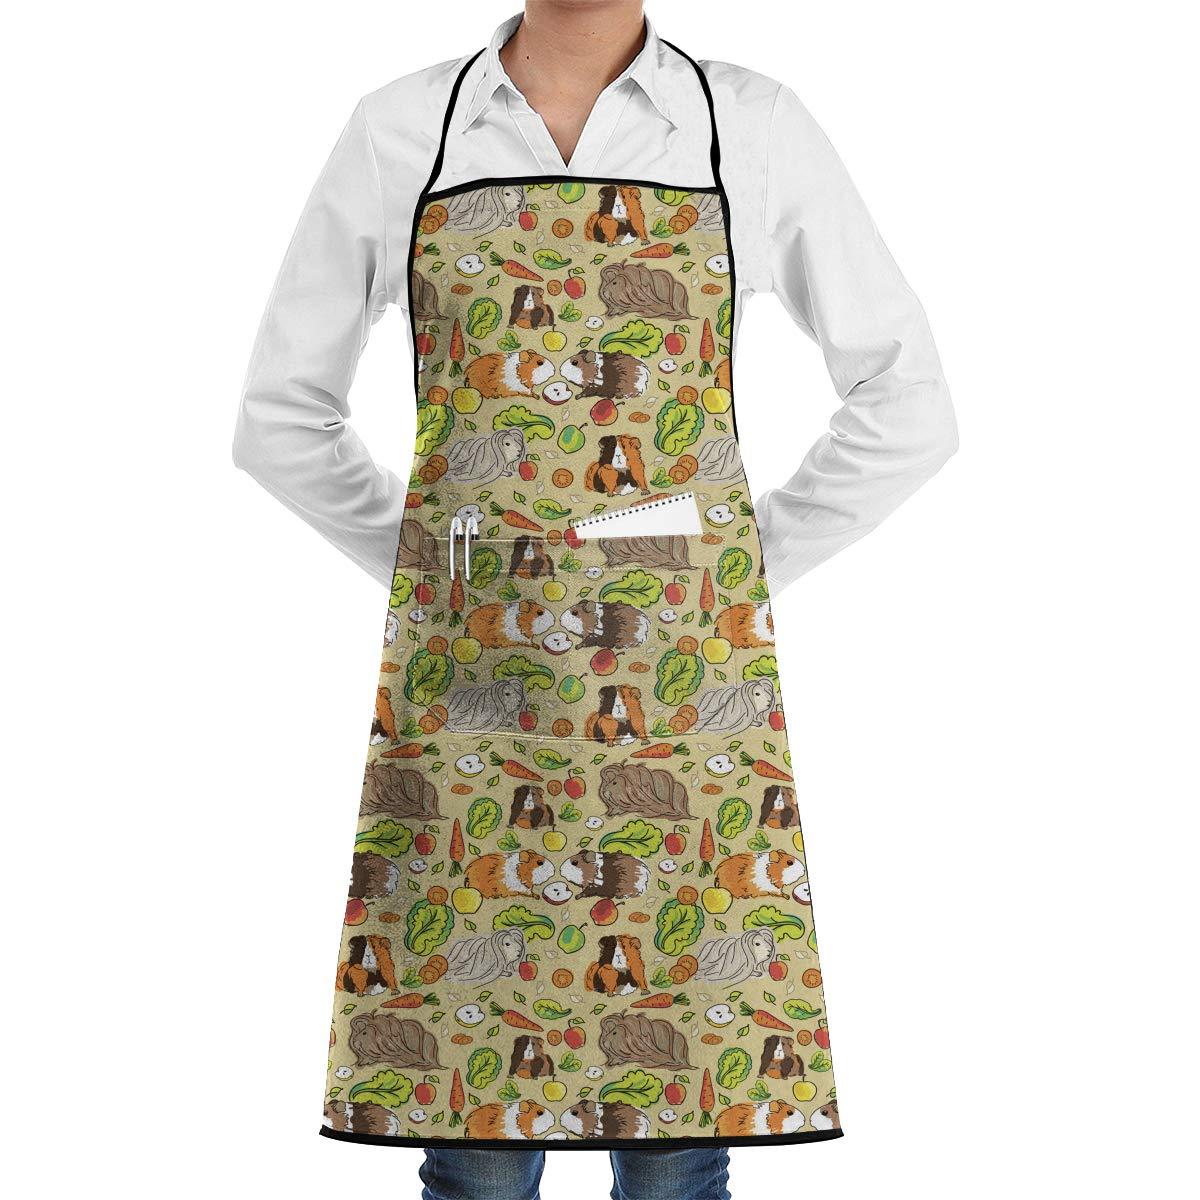 FUNINDIY ビブエプロン ポケット付き モルモット ペット 食品 キッチン エプロン 防水 料理 ベーカー サーバー BBQ 20インチ X 28インチ   B07L6TV2RP